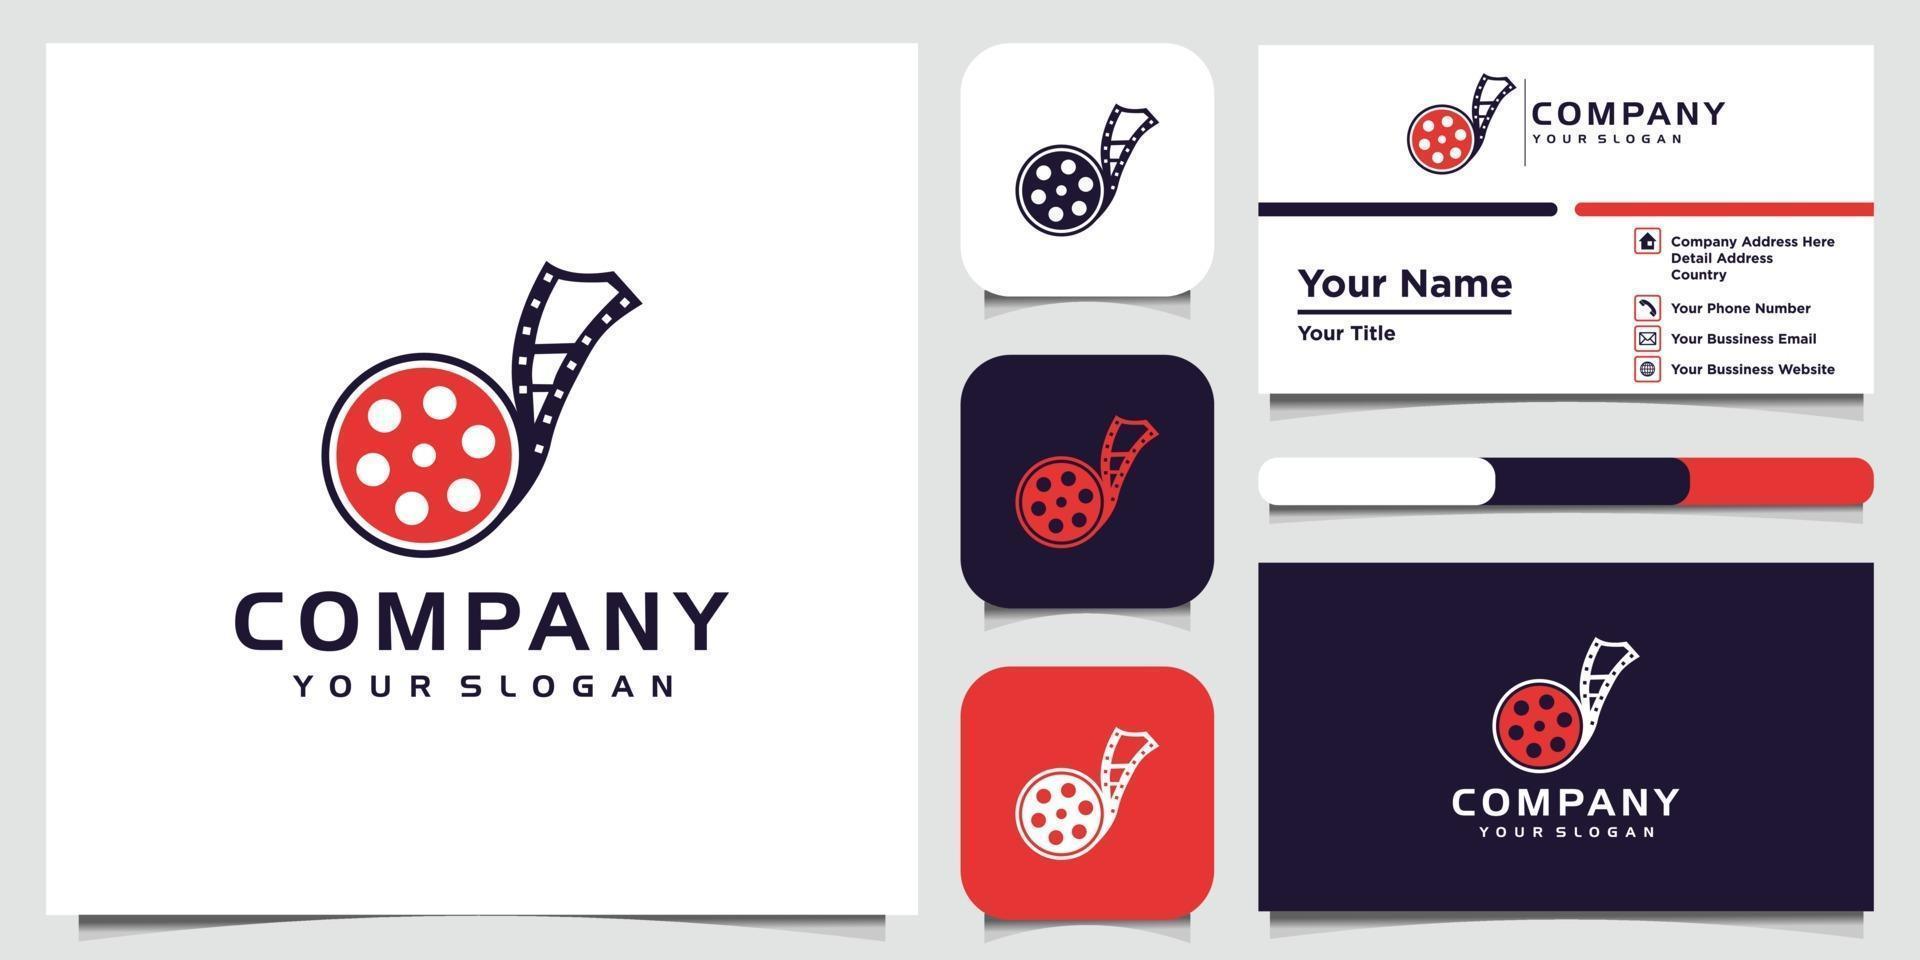 fotografische logo-ontwerpsjablonen en visitekaartjes vector